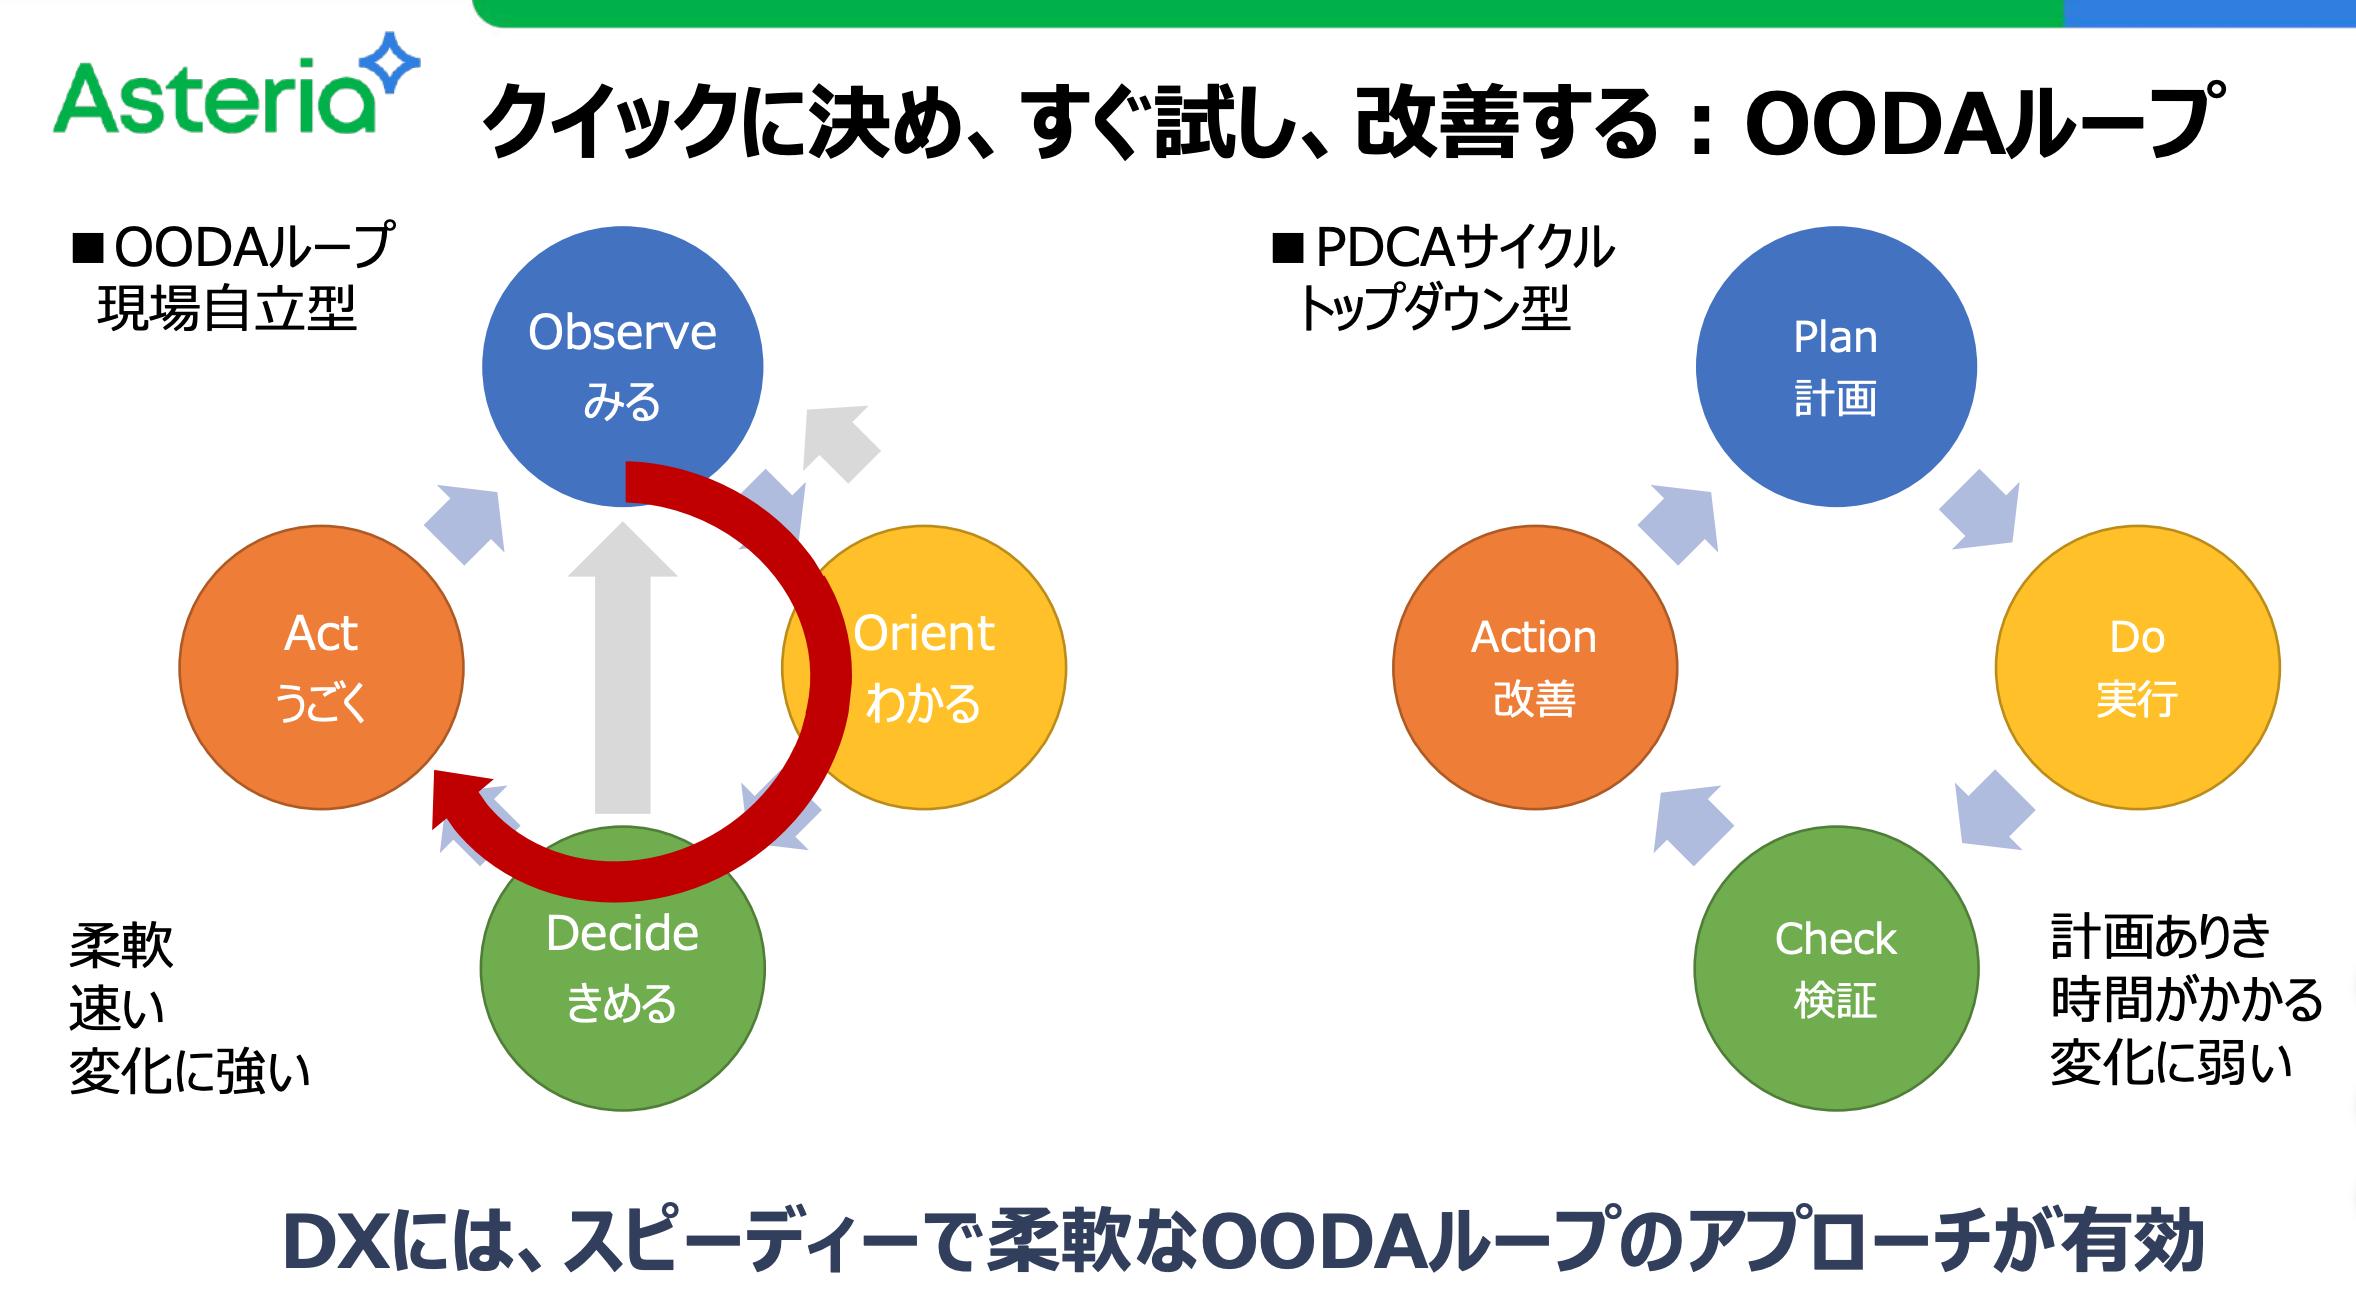 DXには、スピーディーで柔軟なOODAループのアプローチが有効、と説明している図